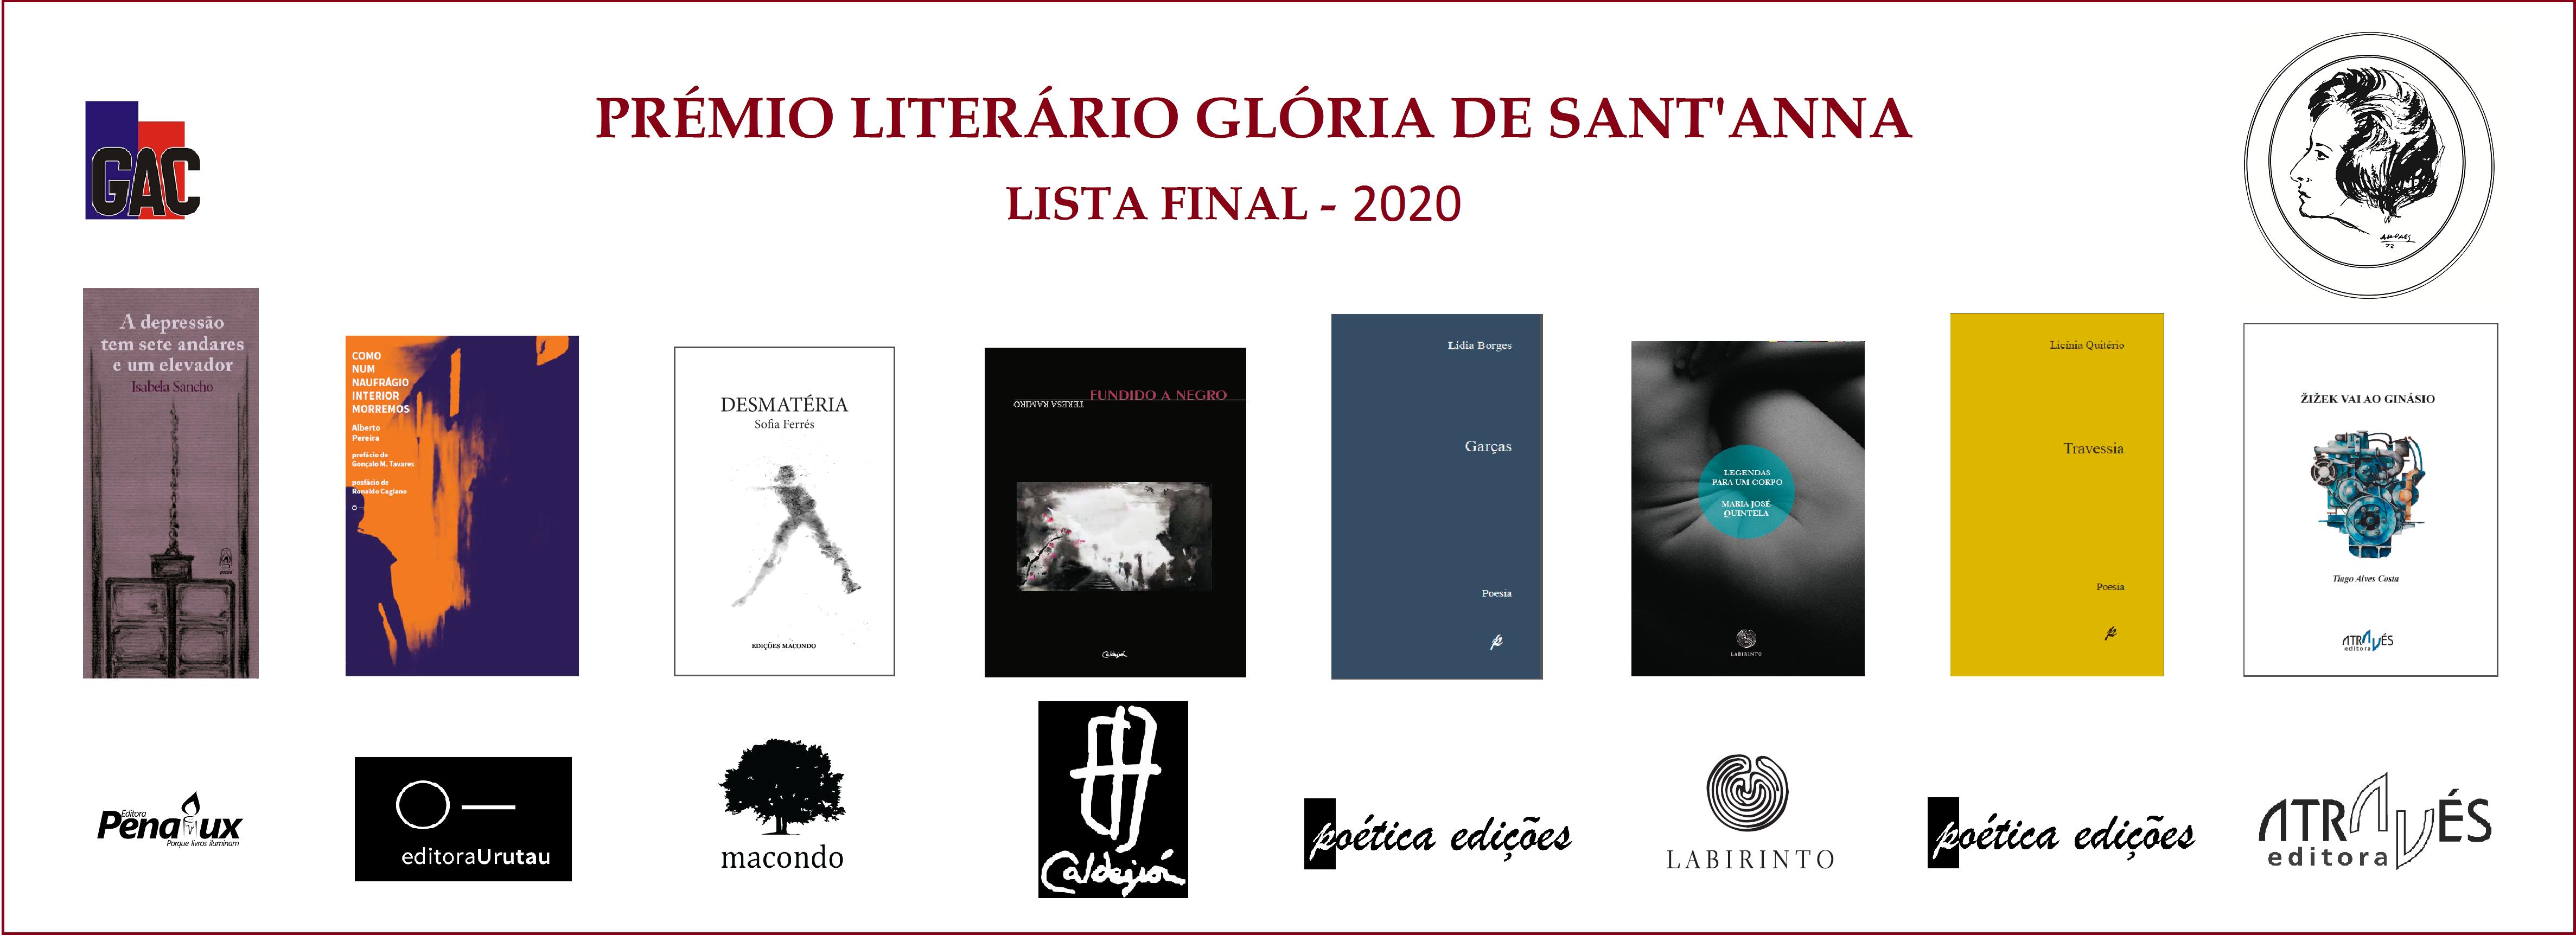 cartaz-lf-2020-livroeditora